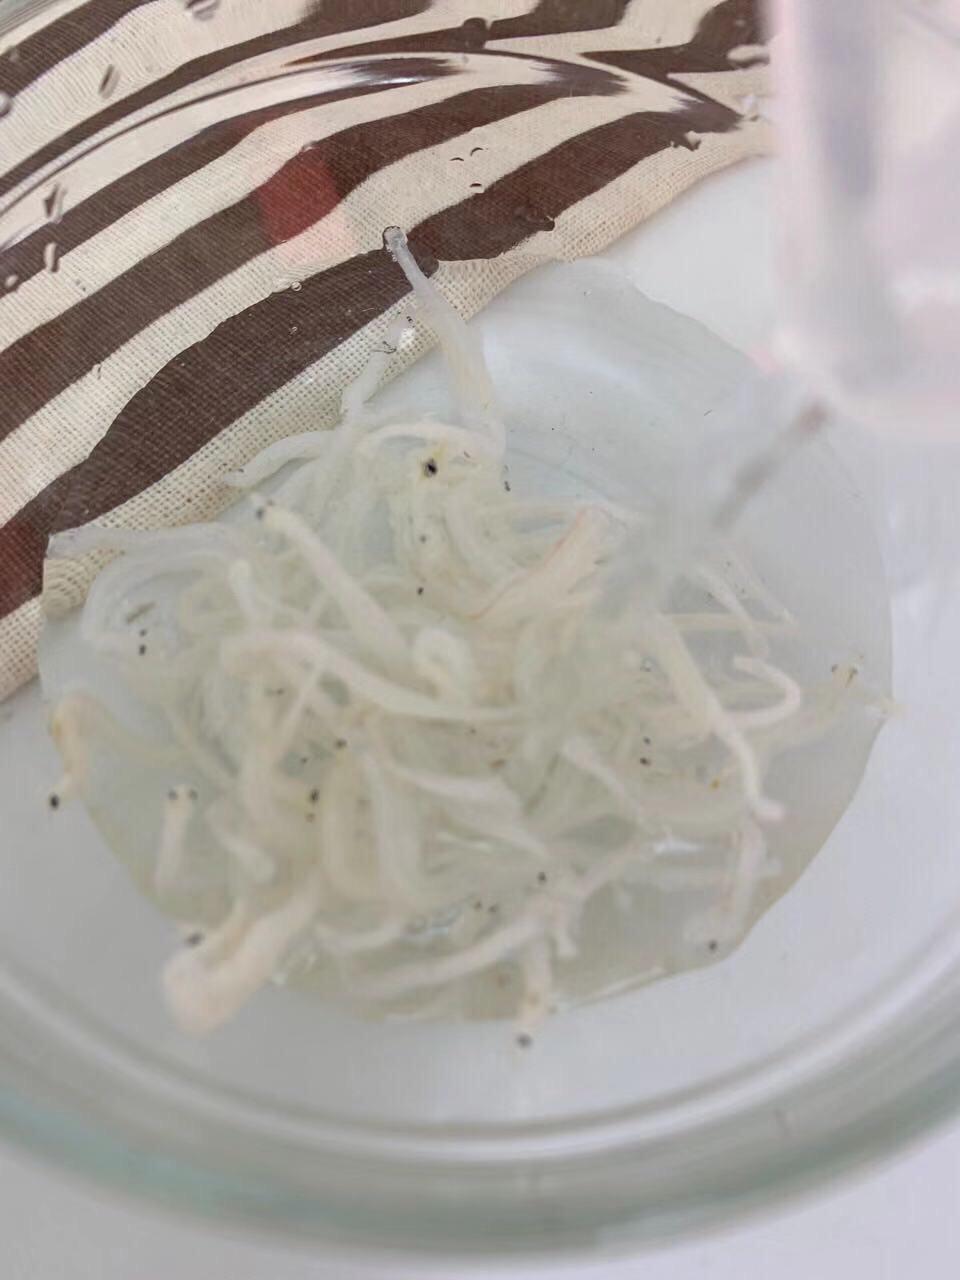 宝宝辅食  银鱼秋葵煎蛋的做法图解